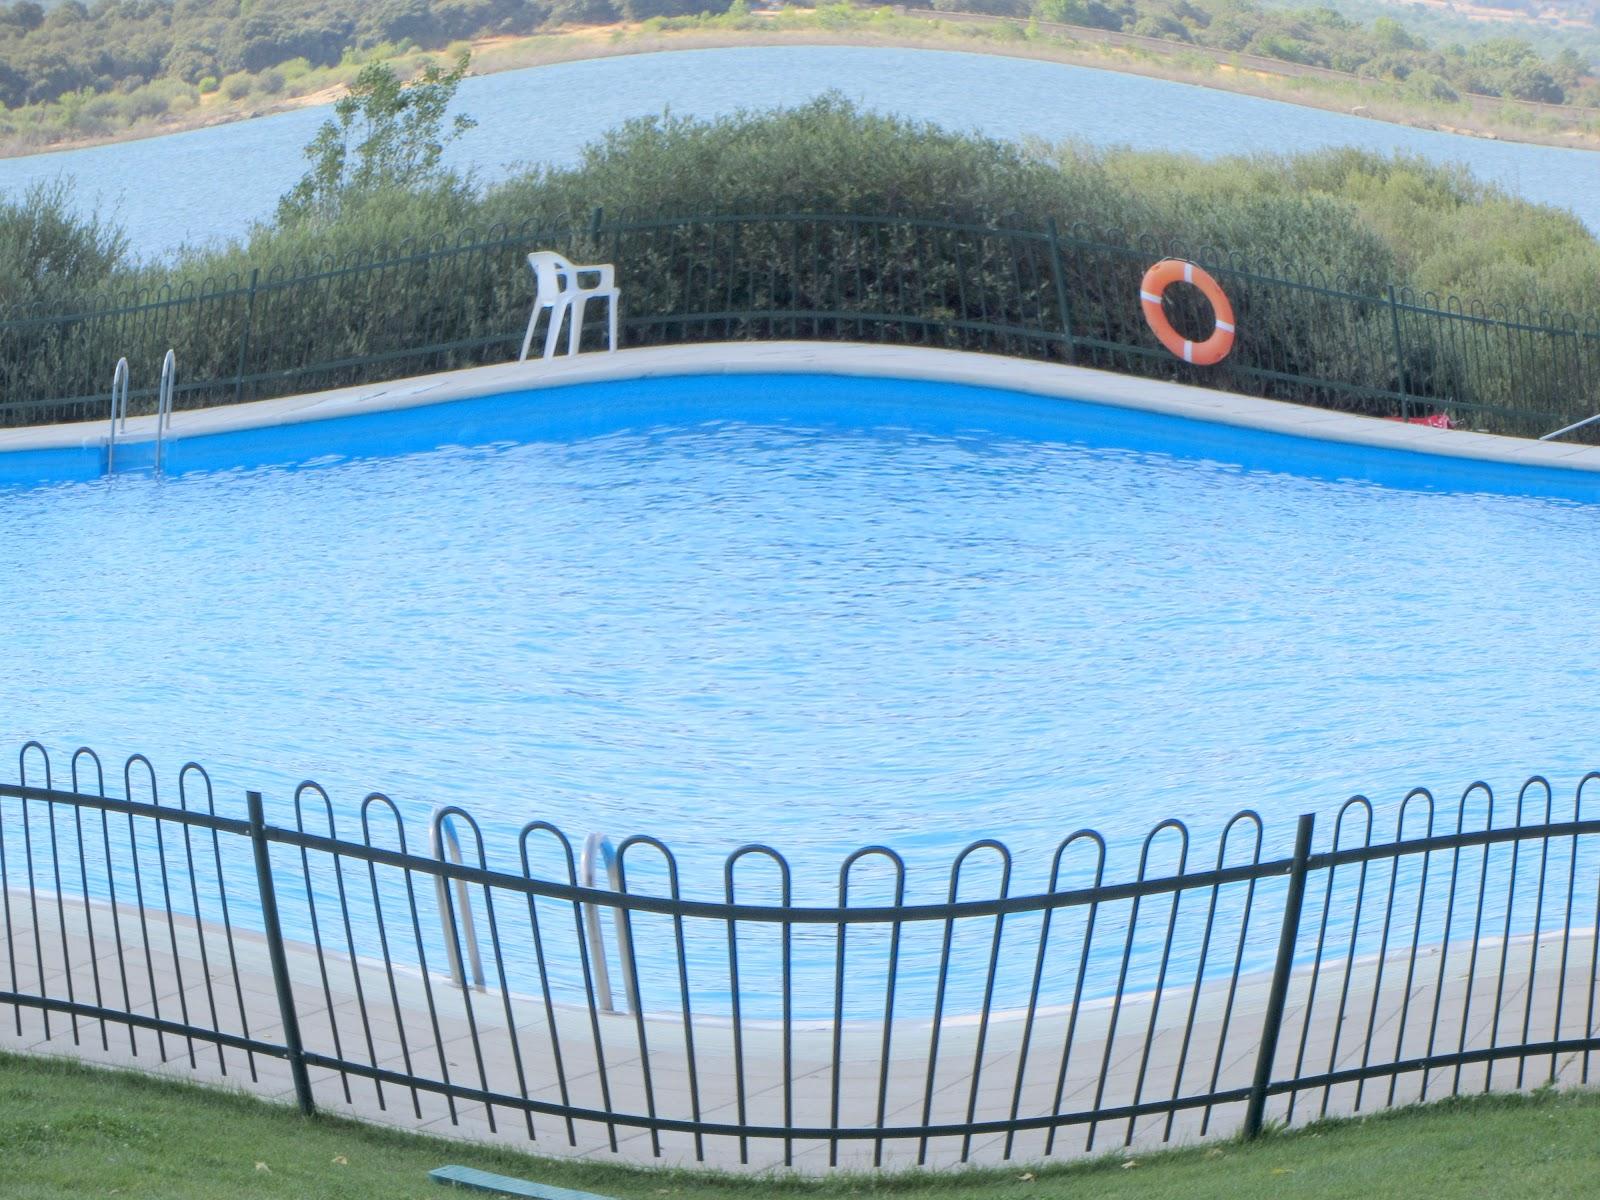 Buitrago de lozoya madrid piscinas naturales for Piscinas naturales madrid gratis